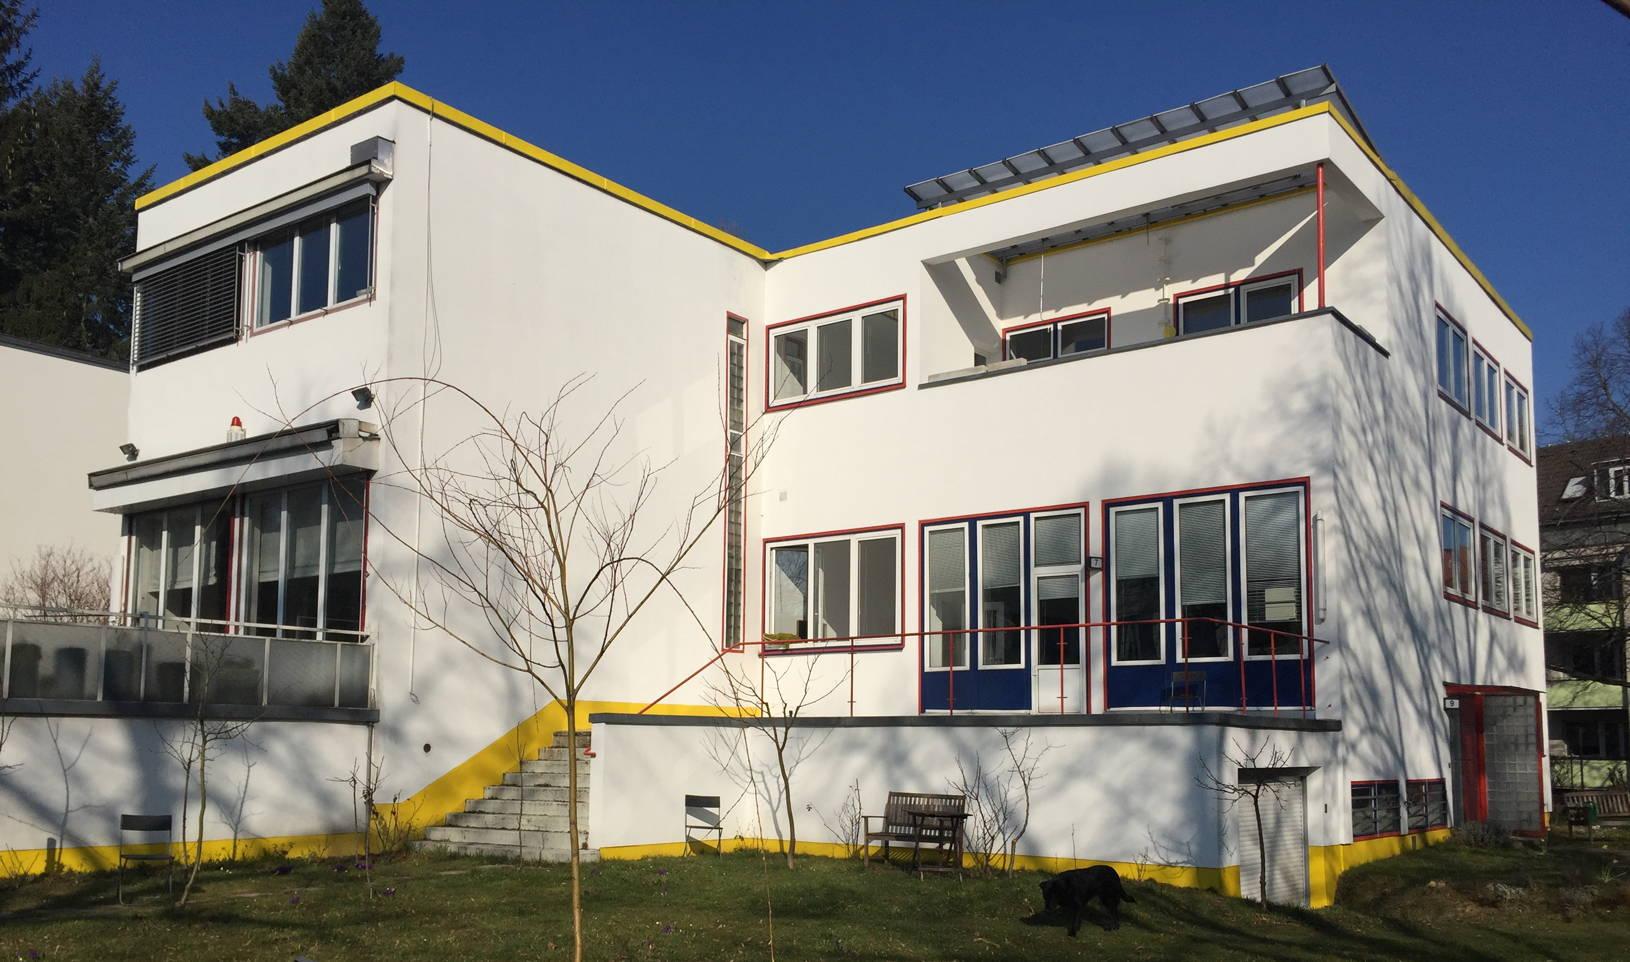 File Versuchsiedlung Schorlemerallee Berlin Bauhaus Stil